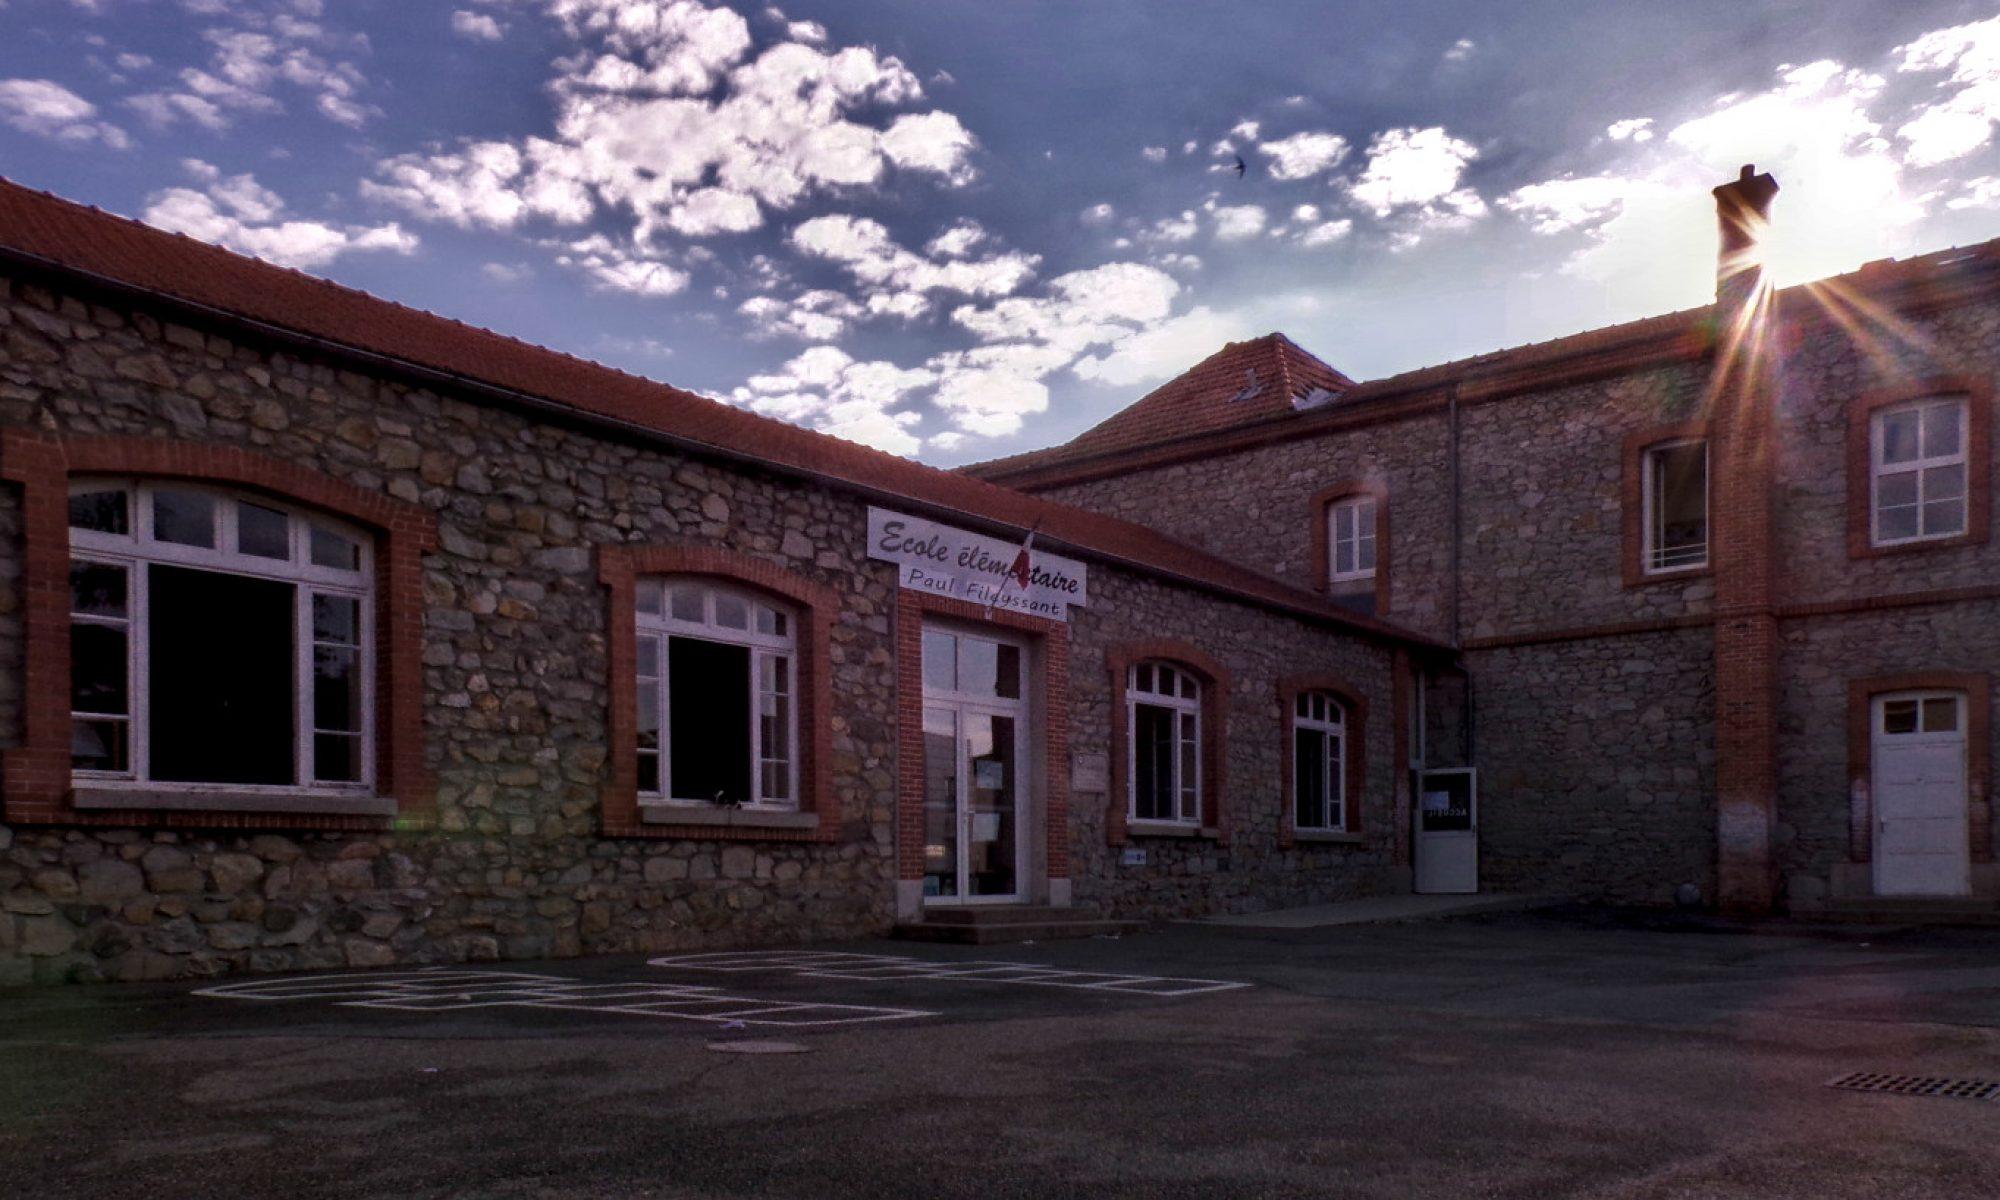 École Paul Fileyssant